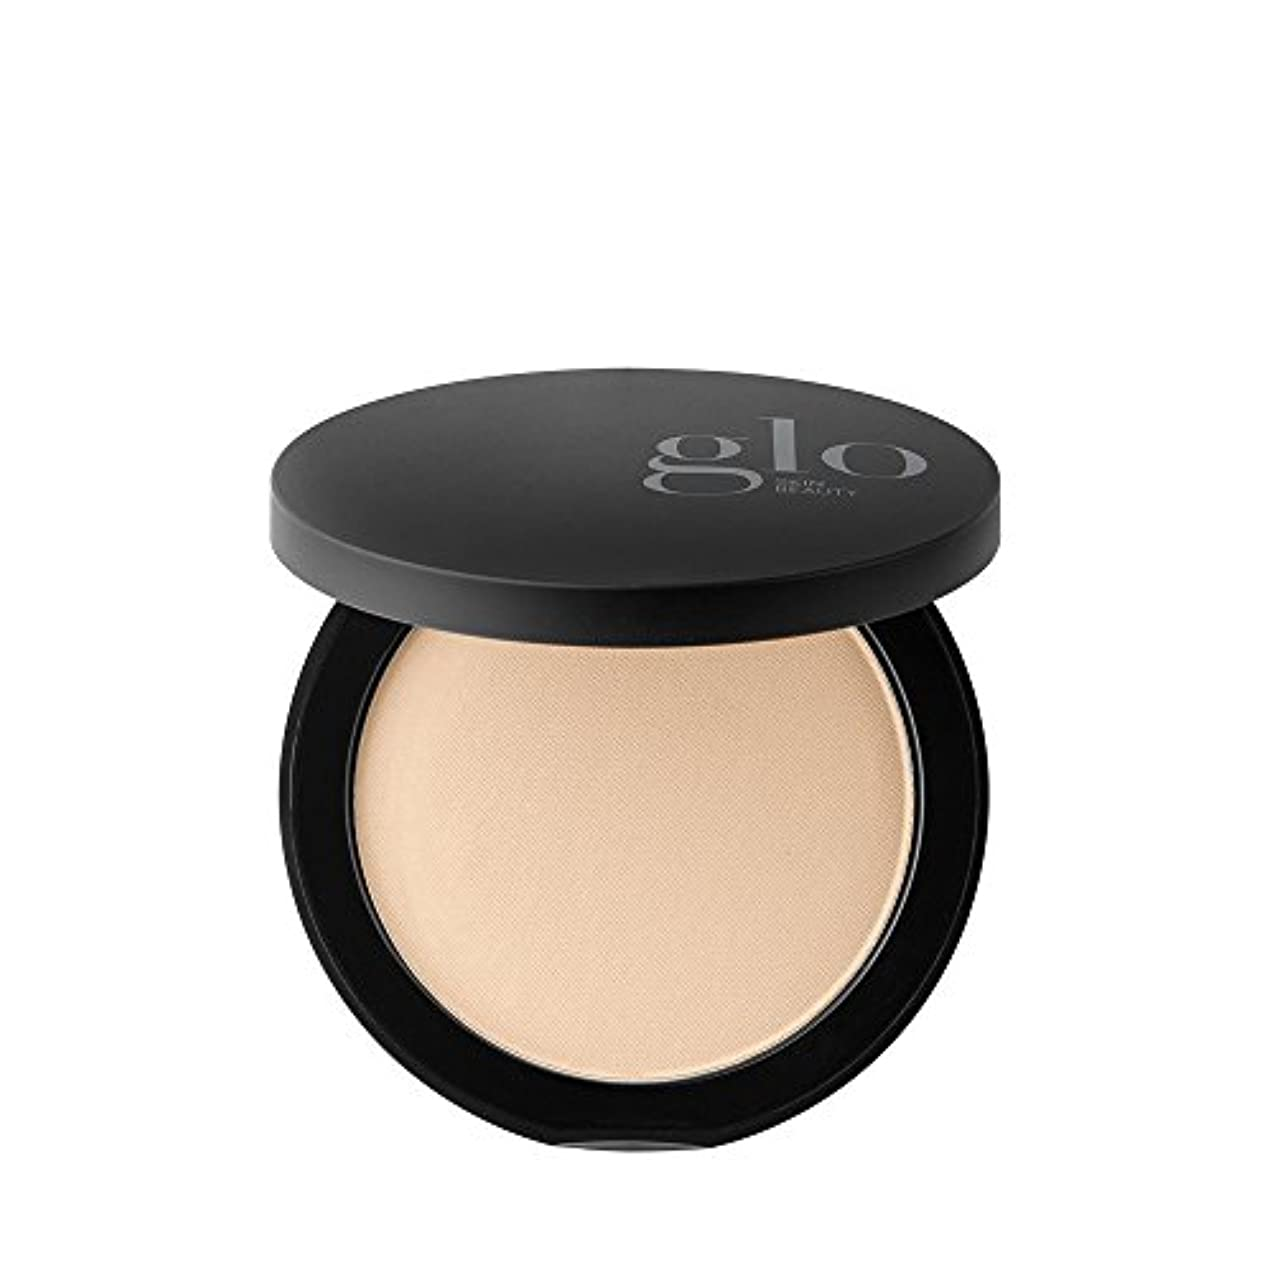 ピーク増幅器用心Glo Skin Beauty Pressed Base - # Natural Fair 9g/0.31oz並行輸入品